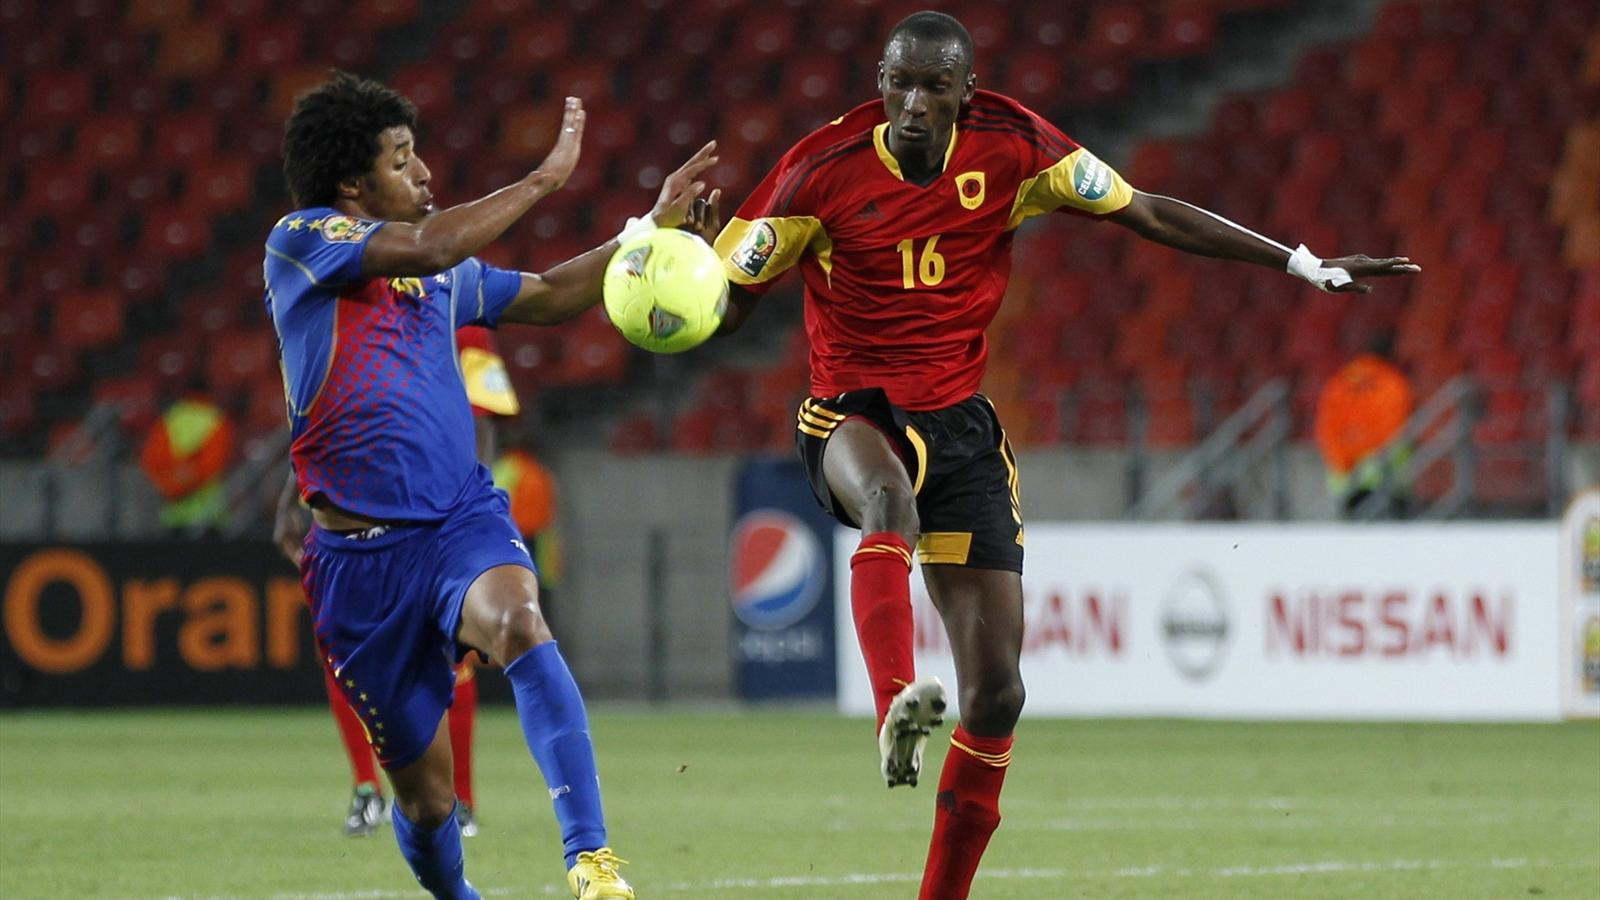 Can 2013 le cap vert et l 39 afrique du sud la f te le maroc au piquet coupe d 39 afrique des - Resultat foot coupe d afrique ...